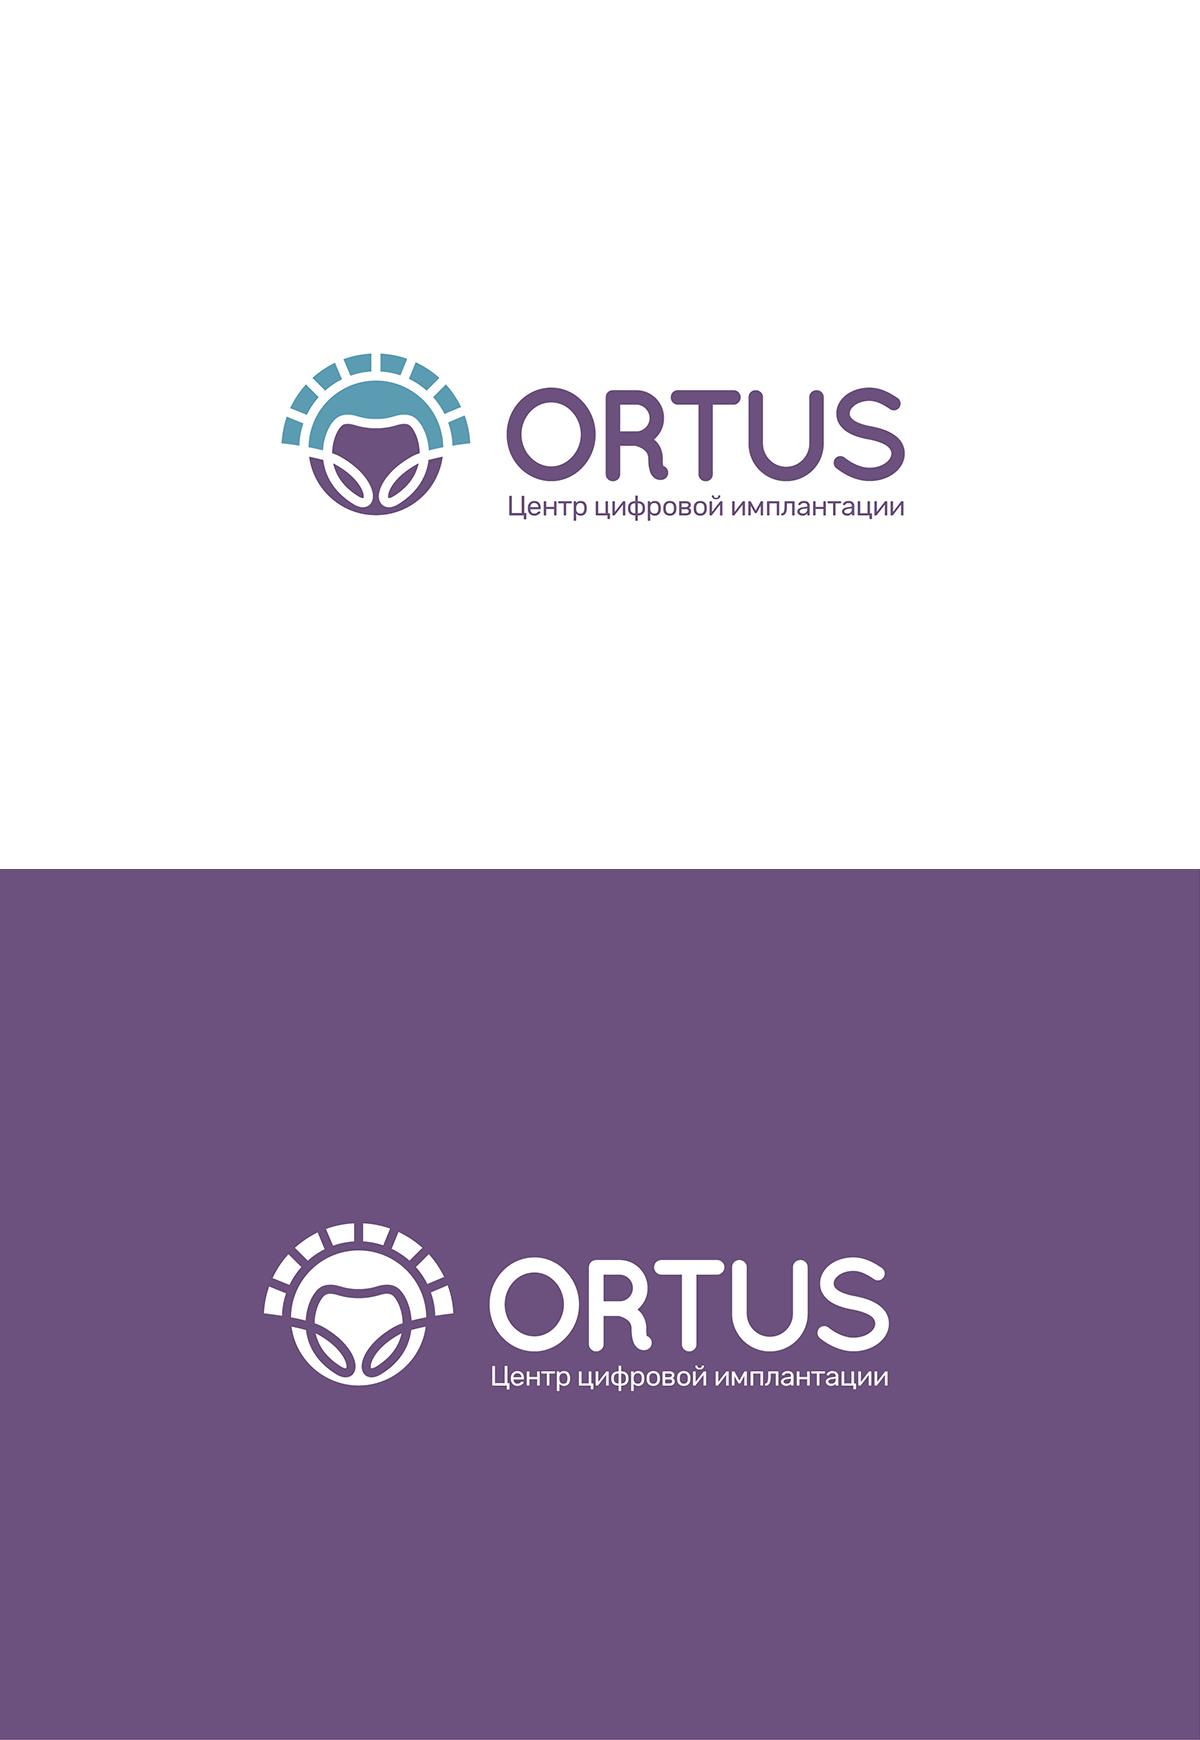 Ребрендинг логотипа для Стоматологии фото f_535601af06790d7f.jpg